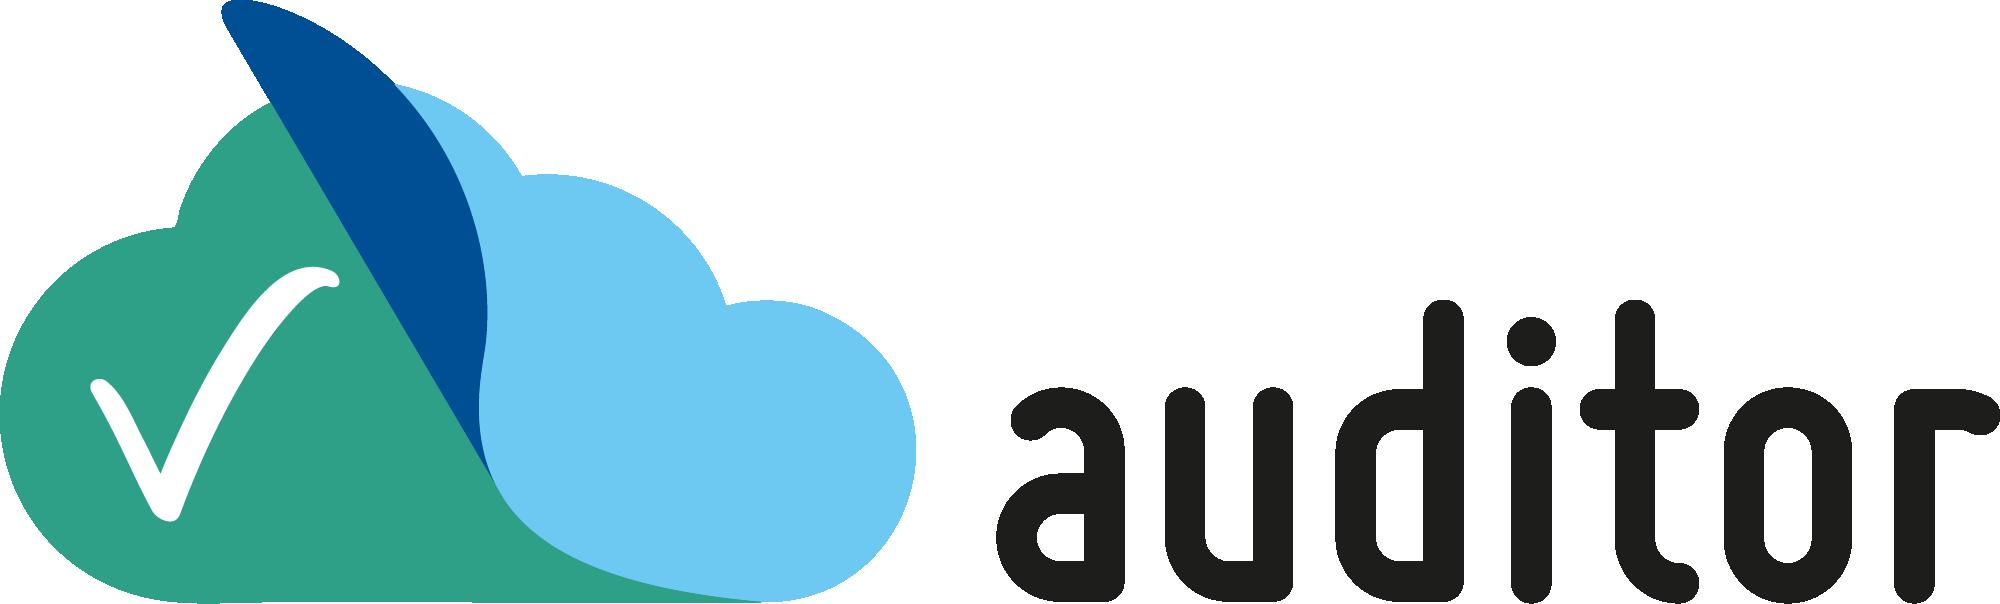 """""""AUDITOR"""" entwickelt europaweite Zertifizierung von Cloud-Diensten"""